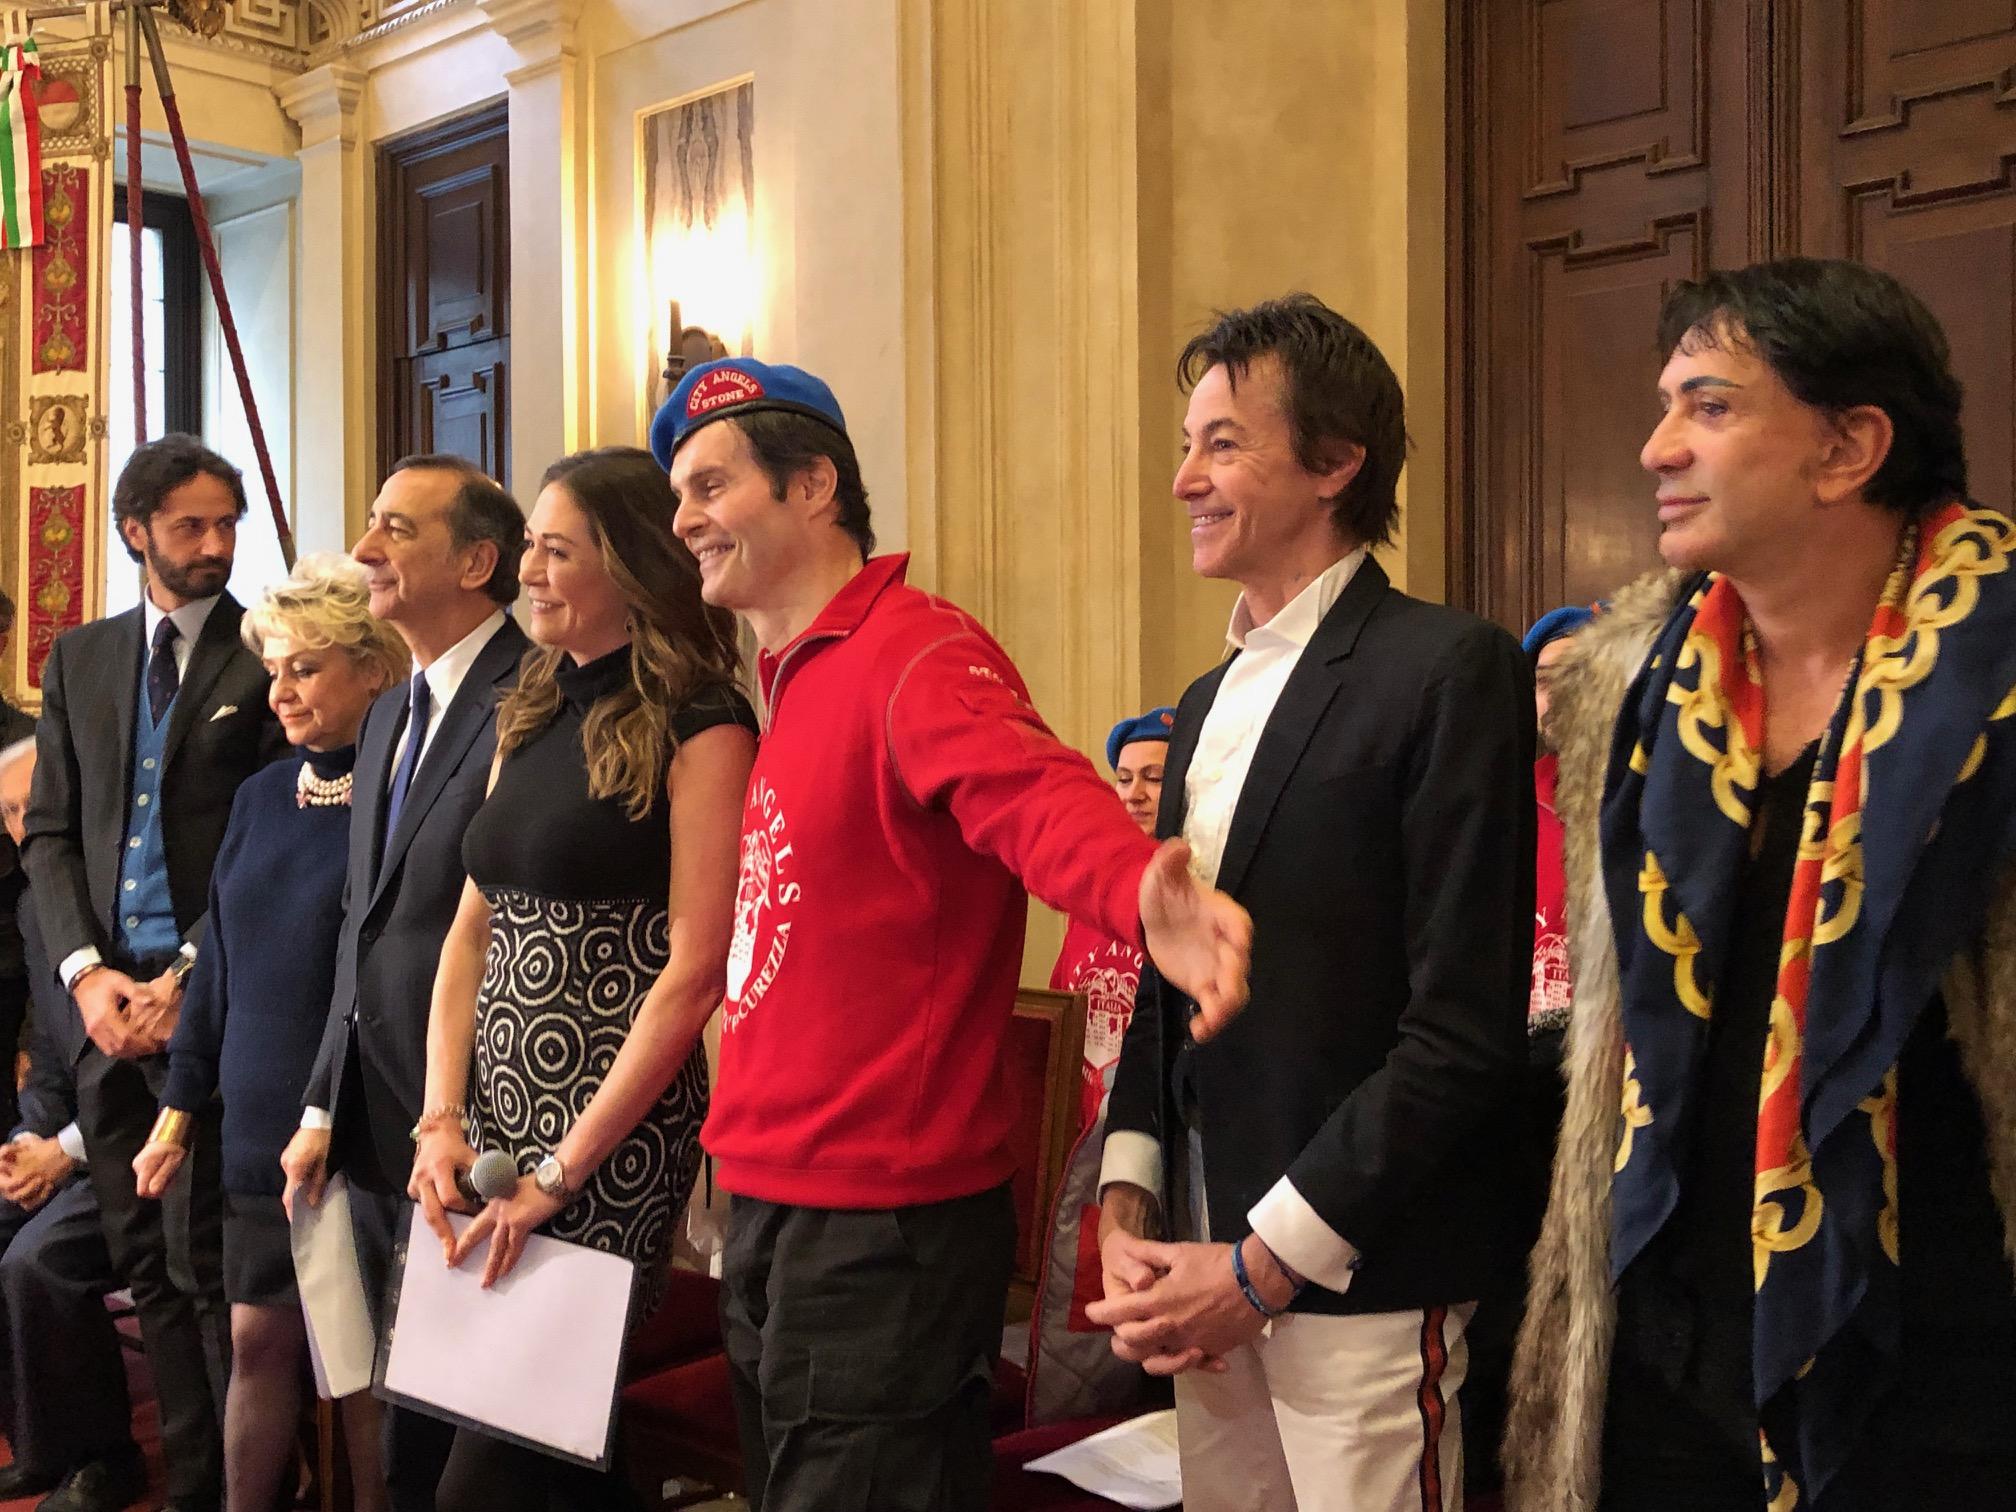 Premio donghi concorso di decorazione artistica in condominio